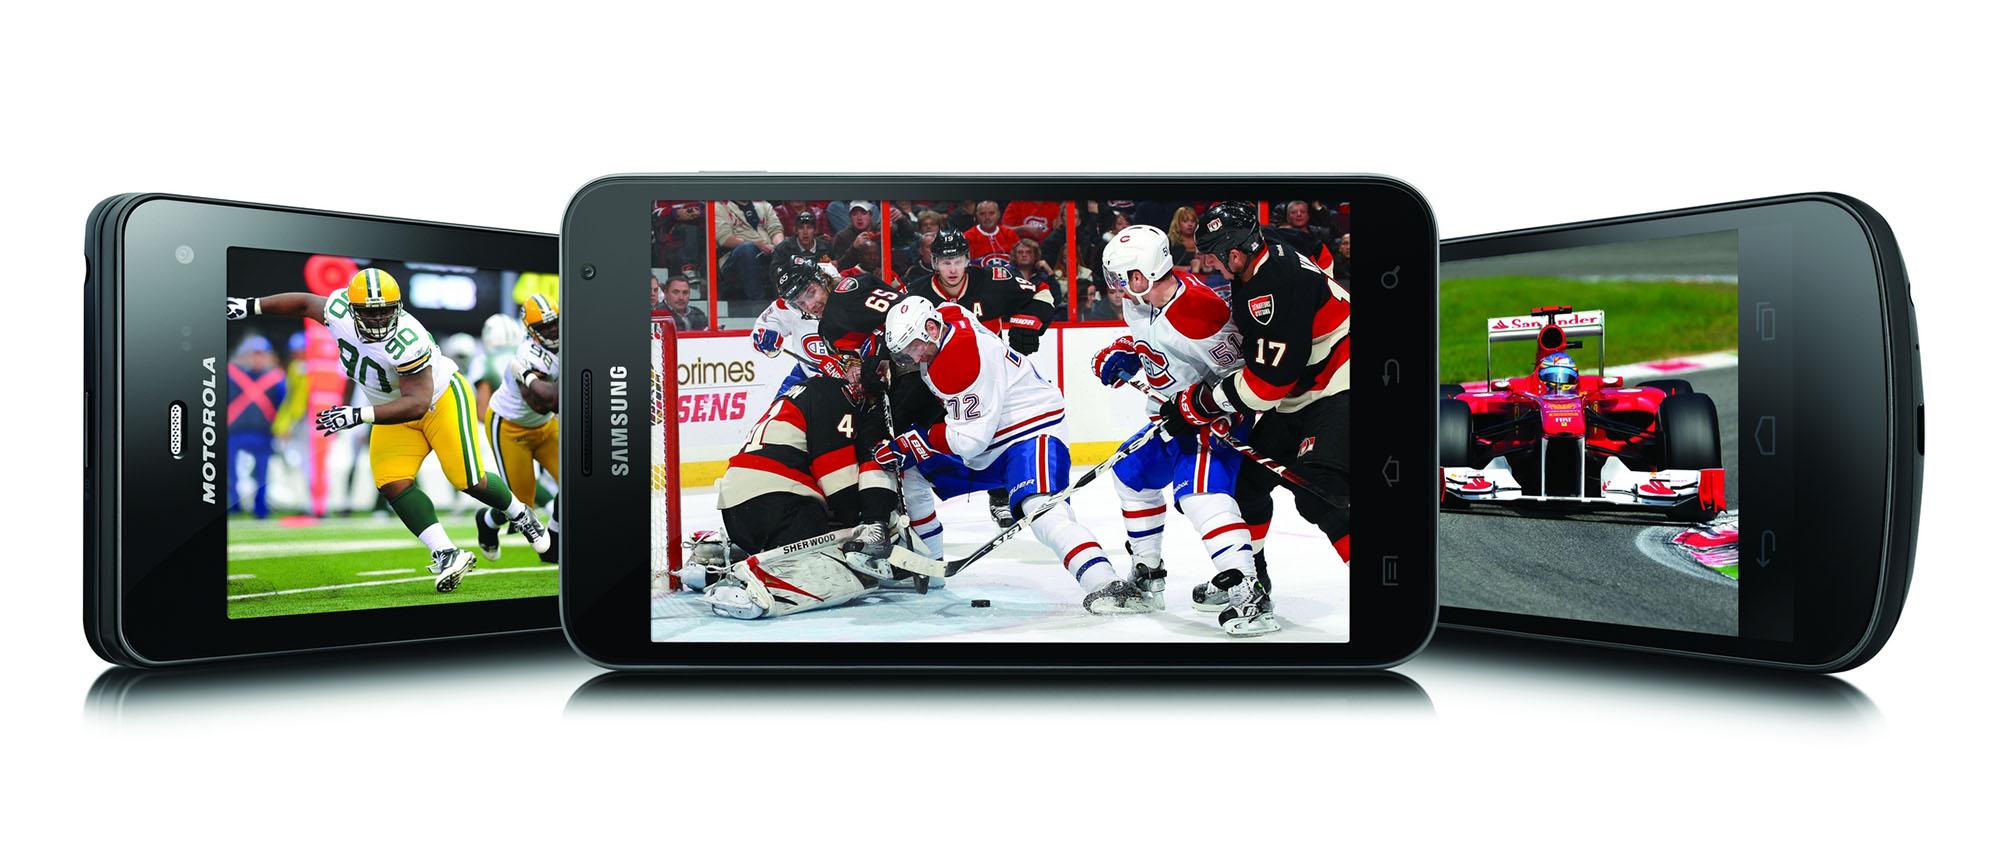 les meilleures applications de sport sur iphone meilleur mobile. Black Bedroom Furniture Sets. Home Design Ideas